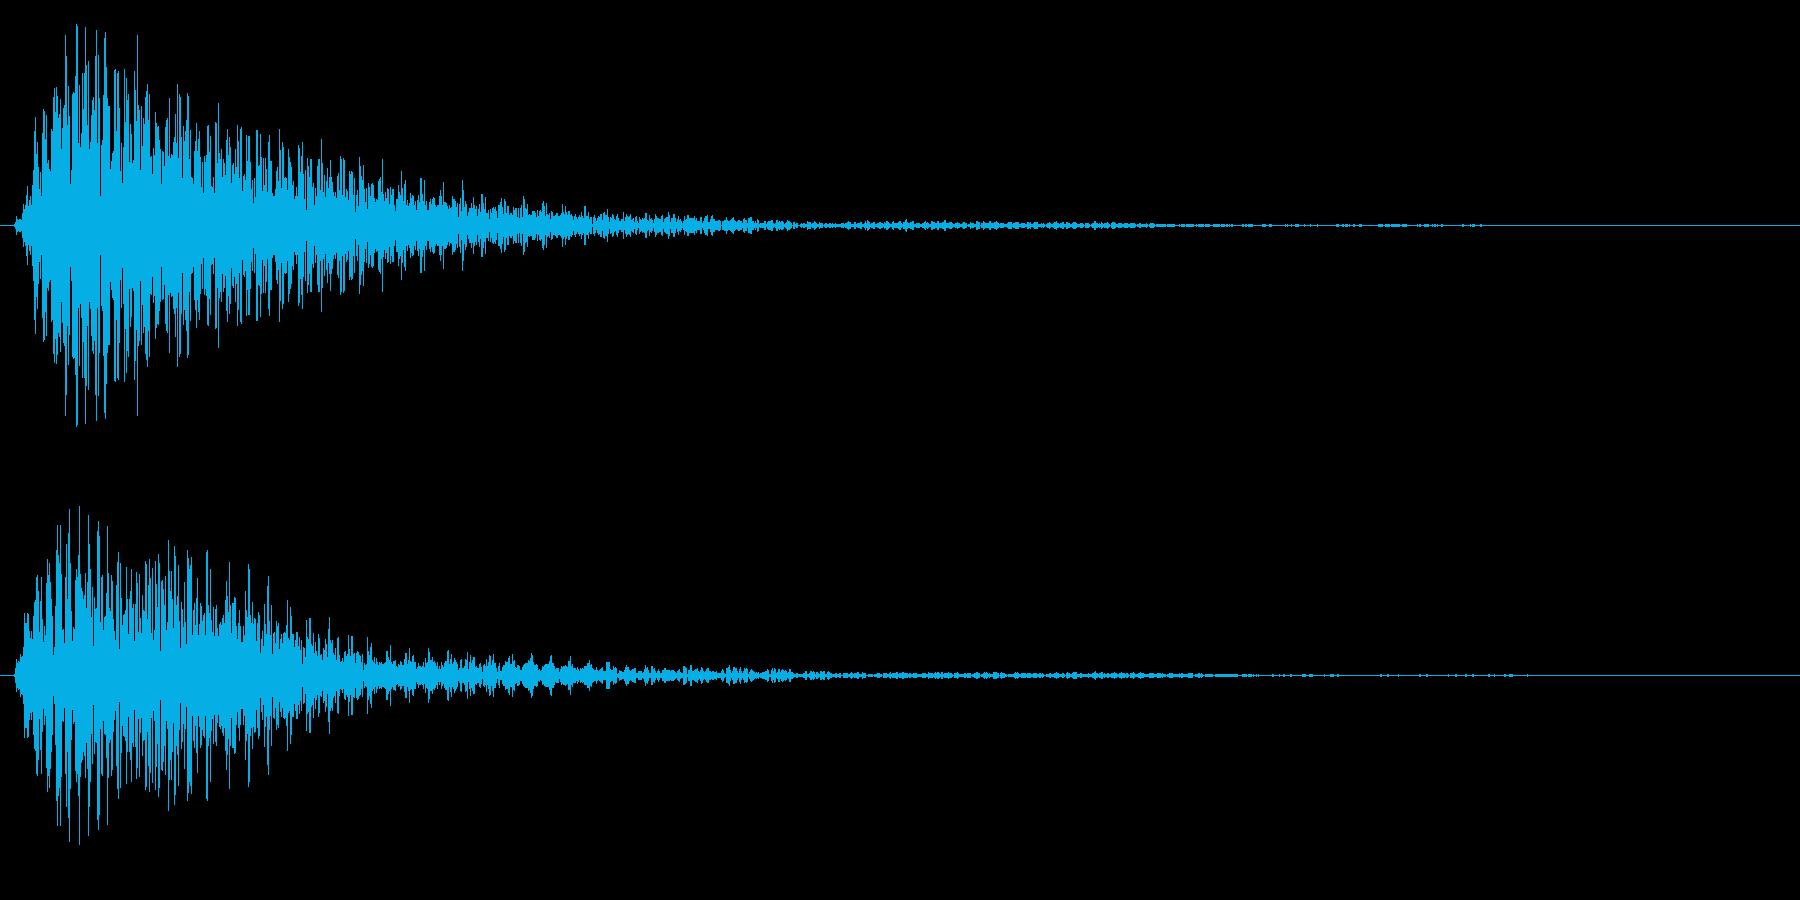 タッチ音/ポン/木琴の再生済みの波形